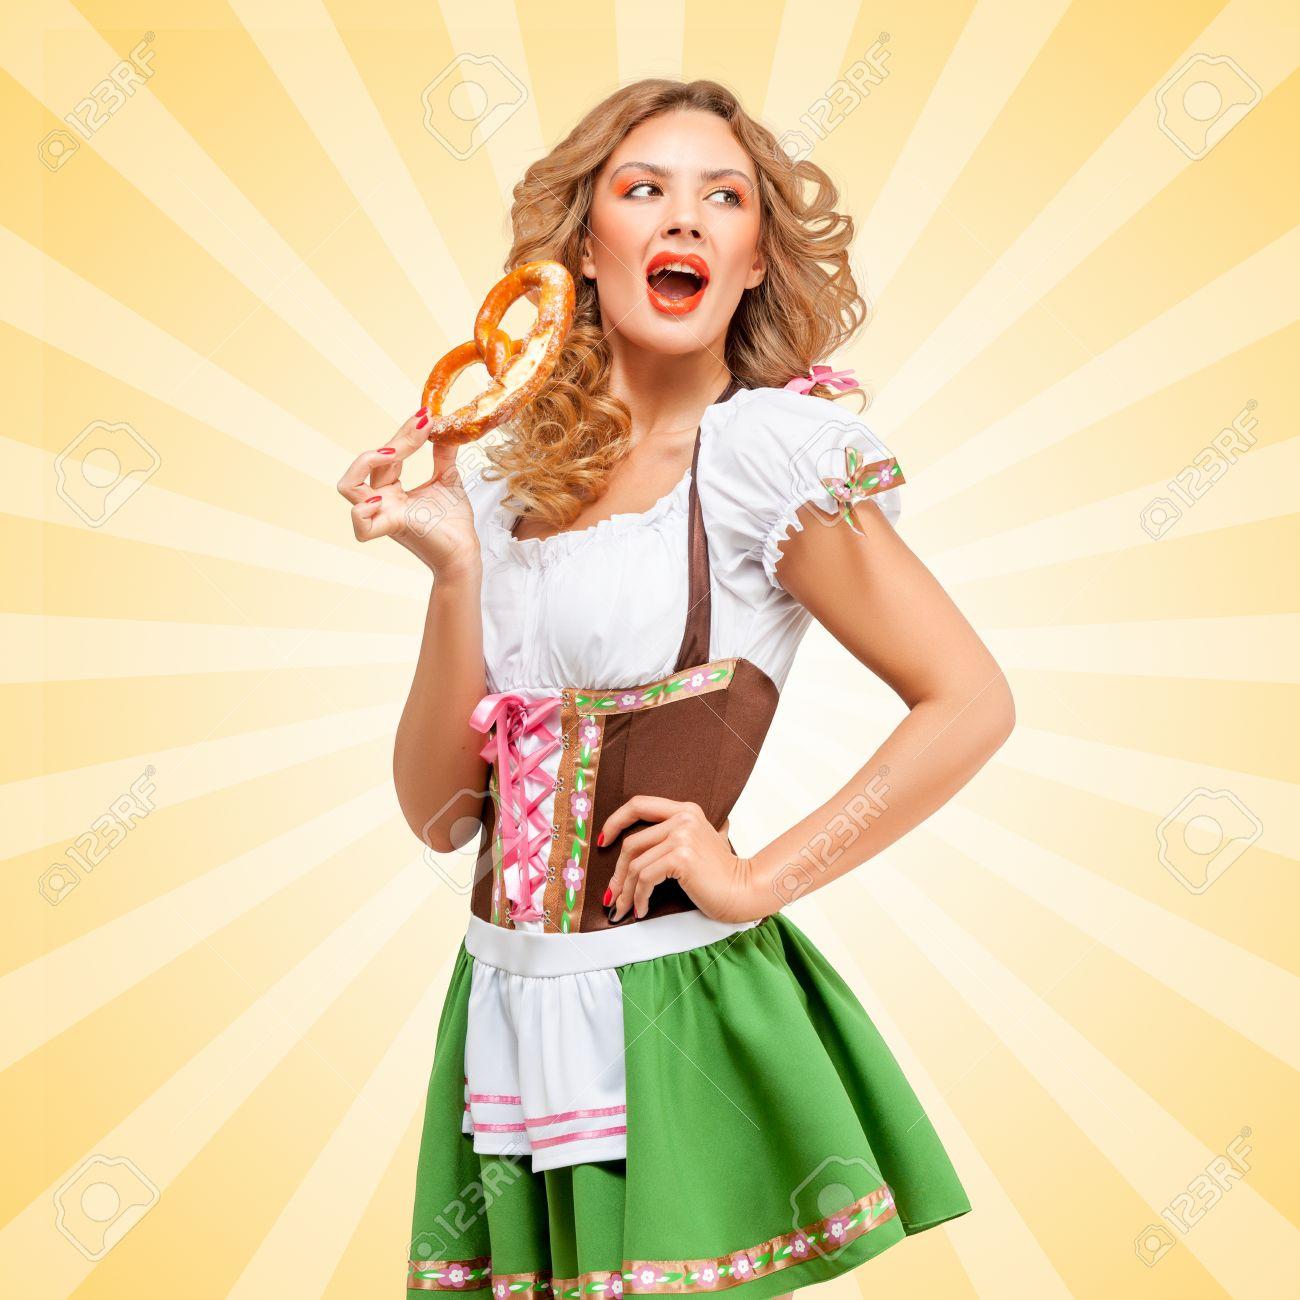 la moitié 5586a a9519 Belle femme Oktoberfest sexy vêtue d'une robe bavaroise traditionnelle  dirndl avec la bouche ouverte mangeant un bretzel sur coloré abstrait de  style ...